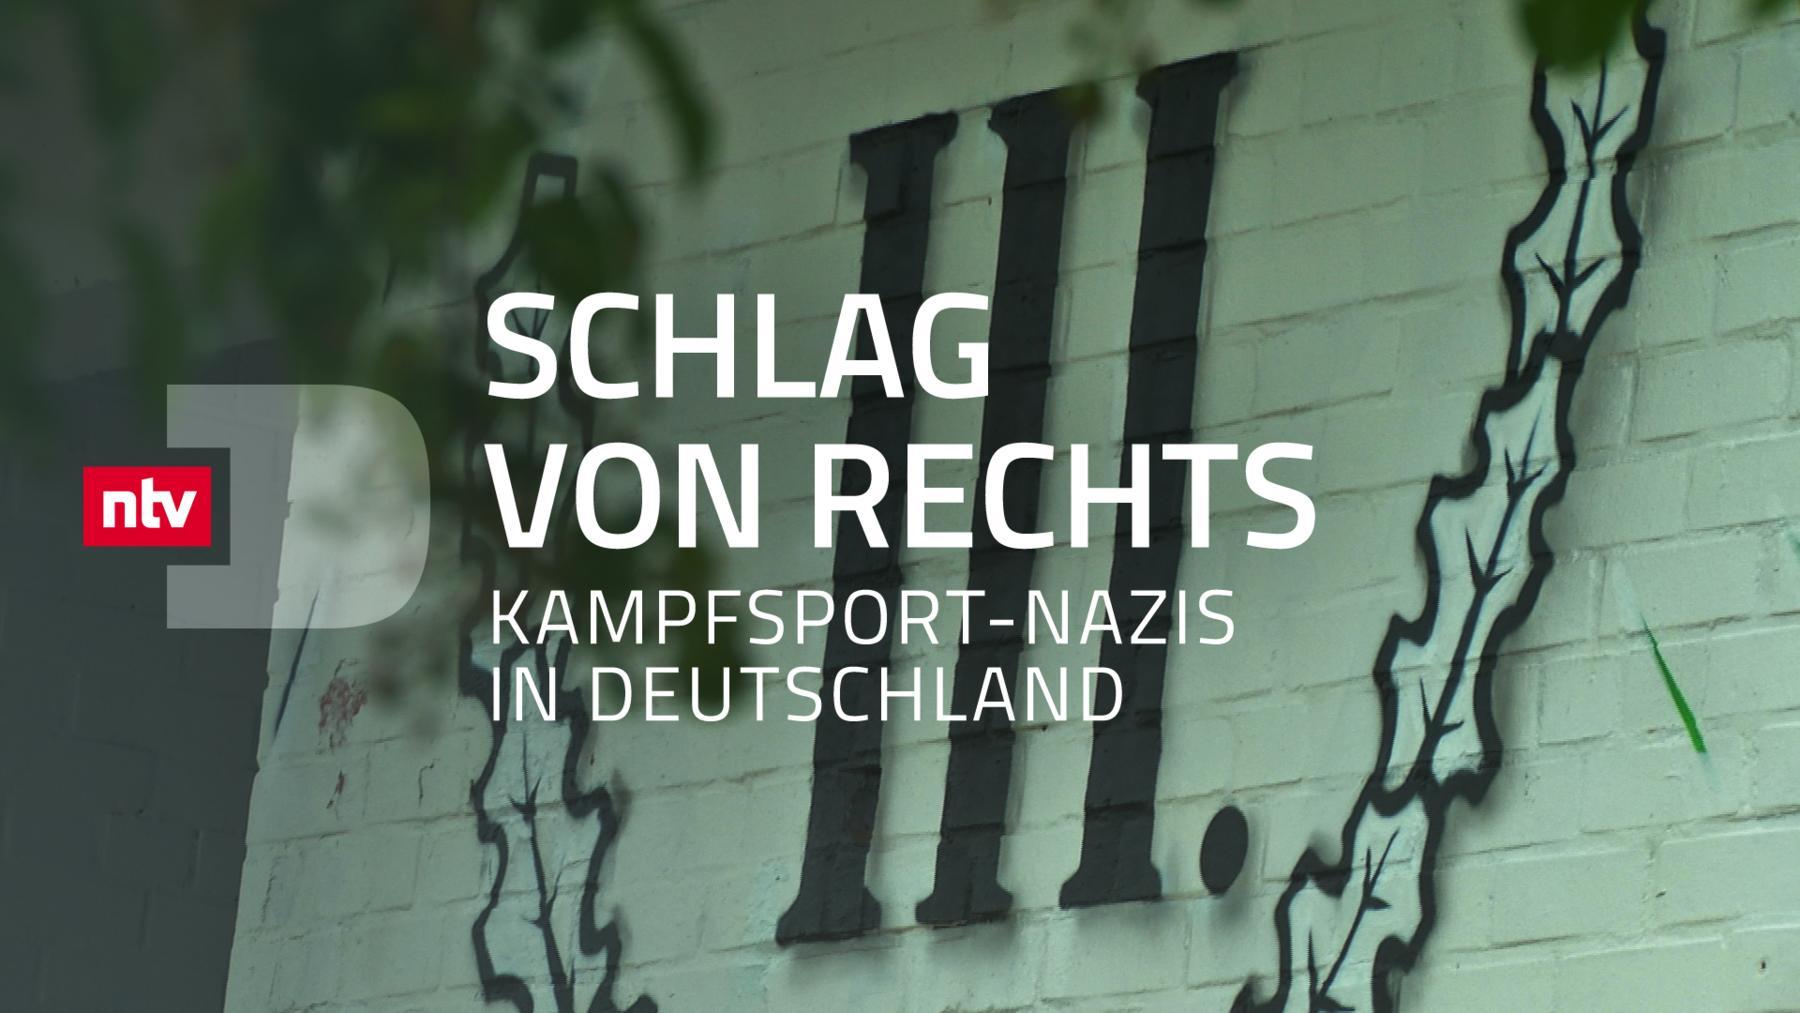 Schlag von rechts - Kampfsport-Nazis in Deutschlan